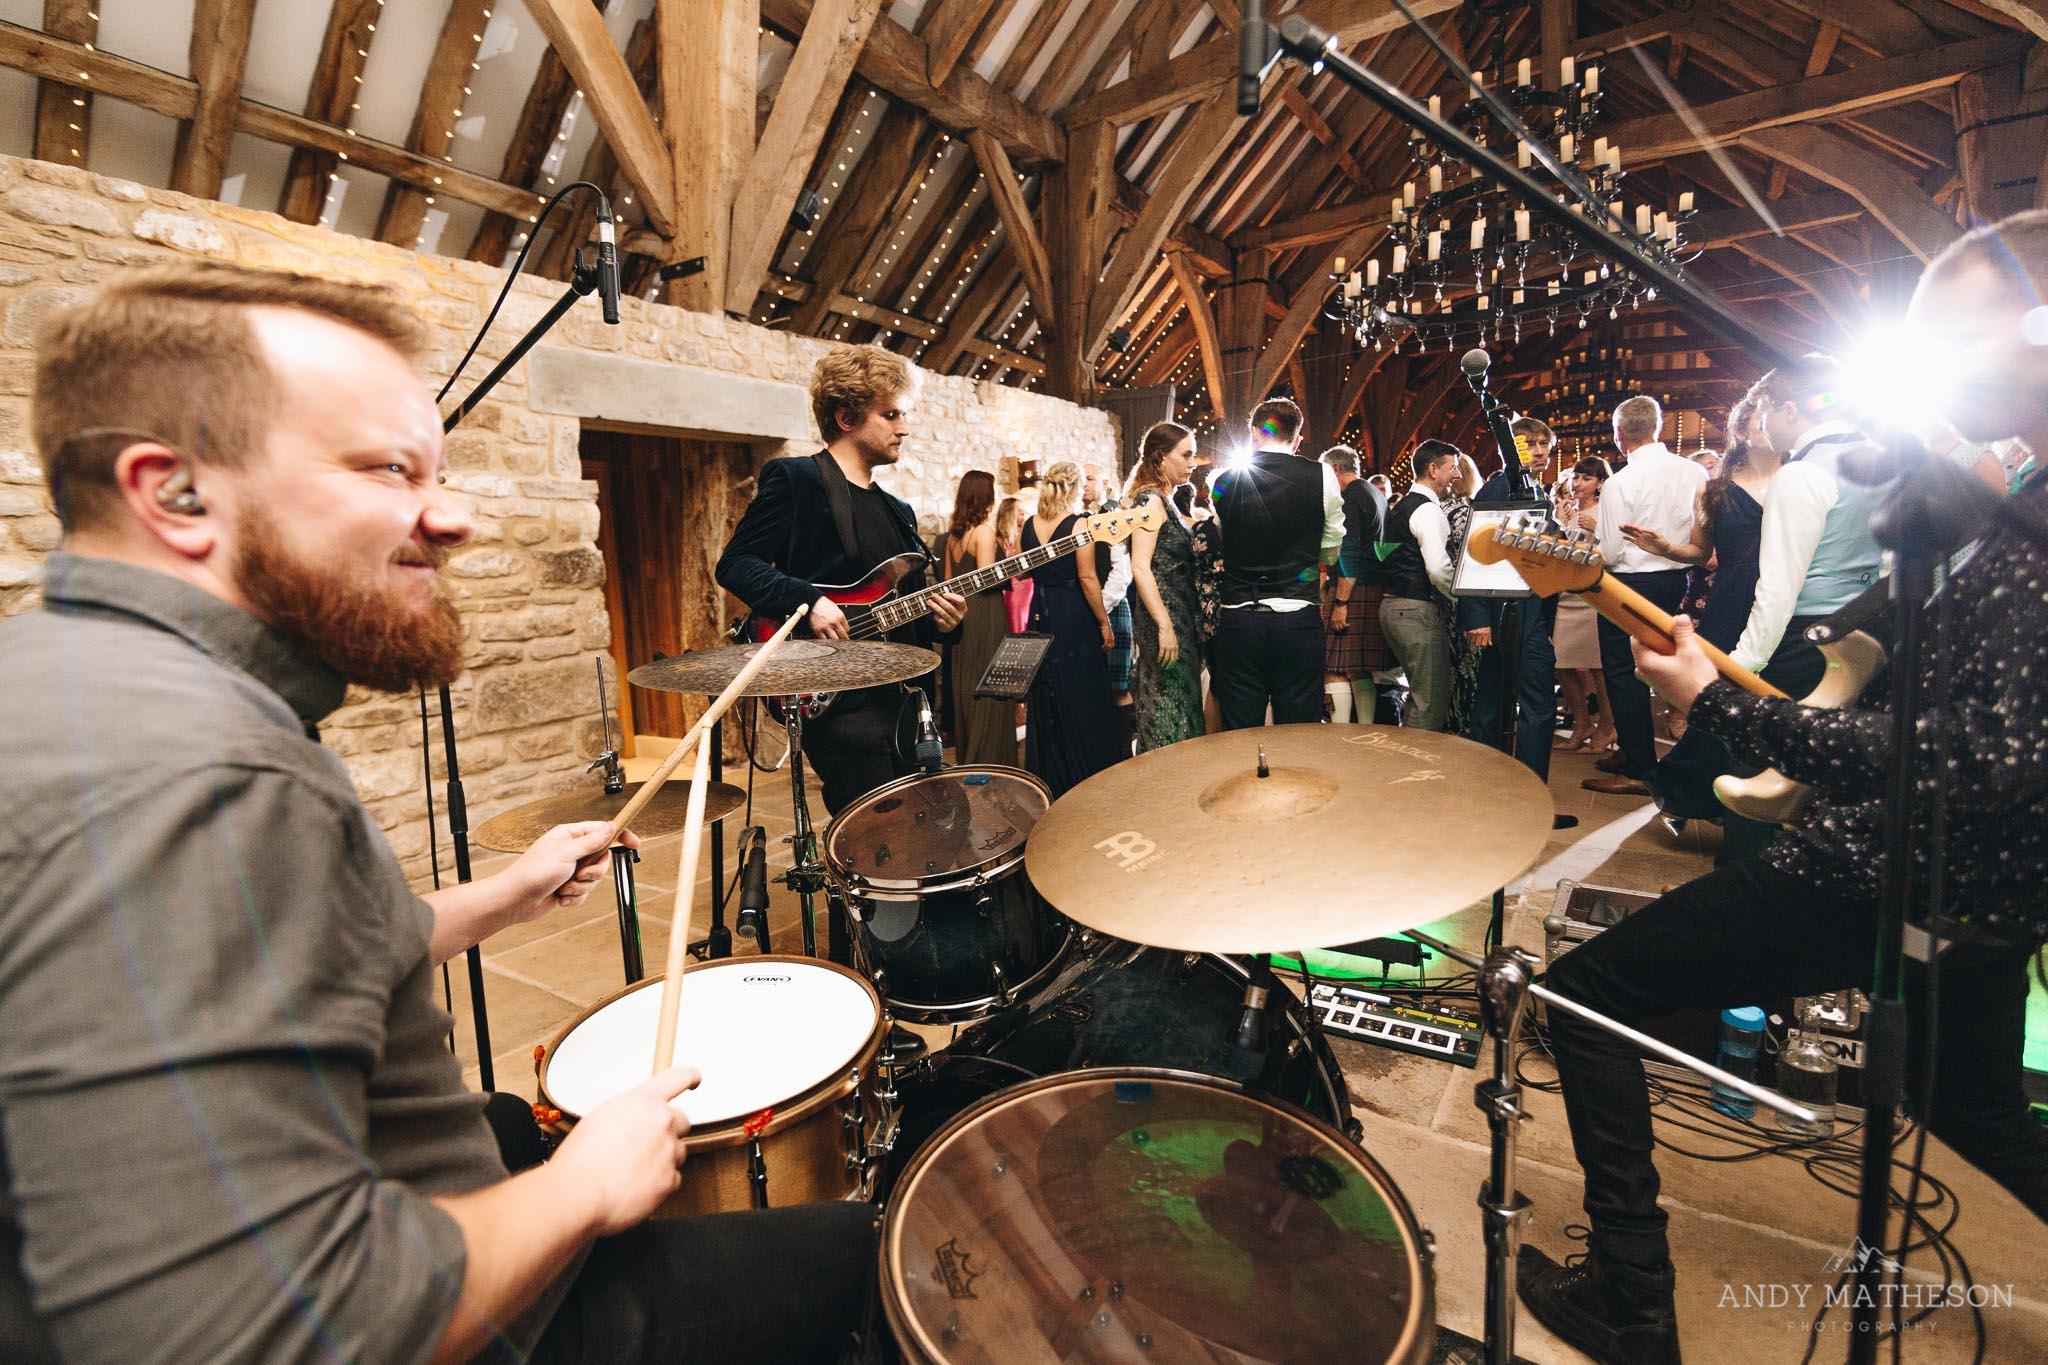 Tithe Barn Bolton Abbey Wedding Photographer_Andy Matheson_095.jpg